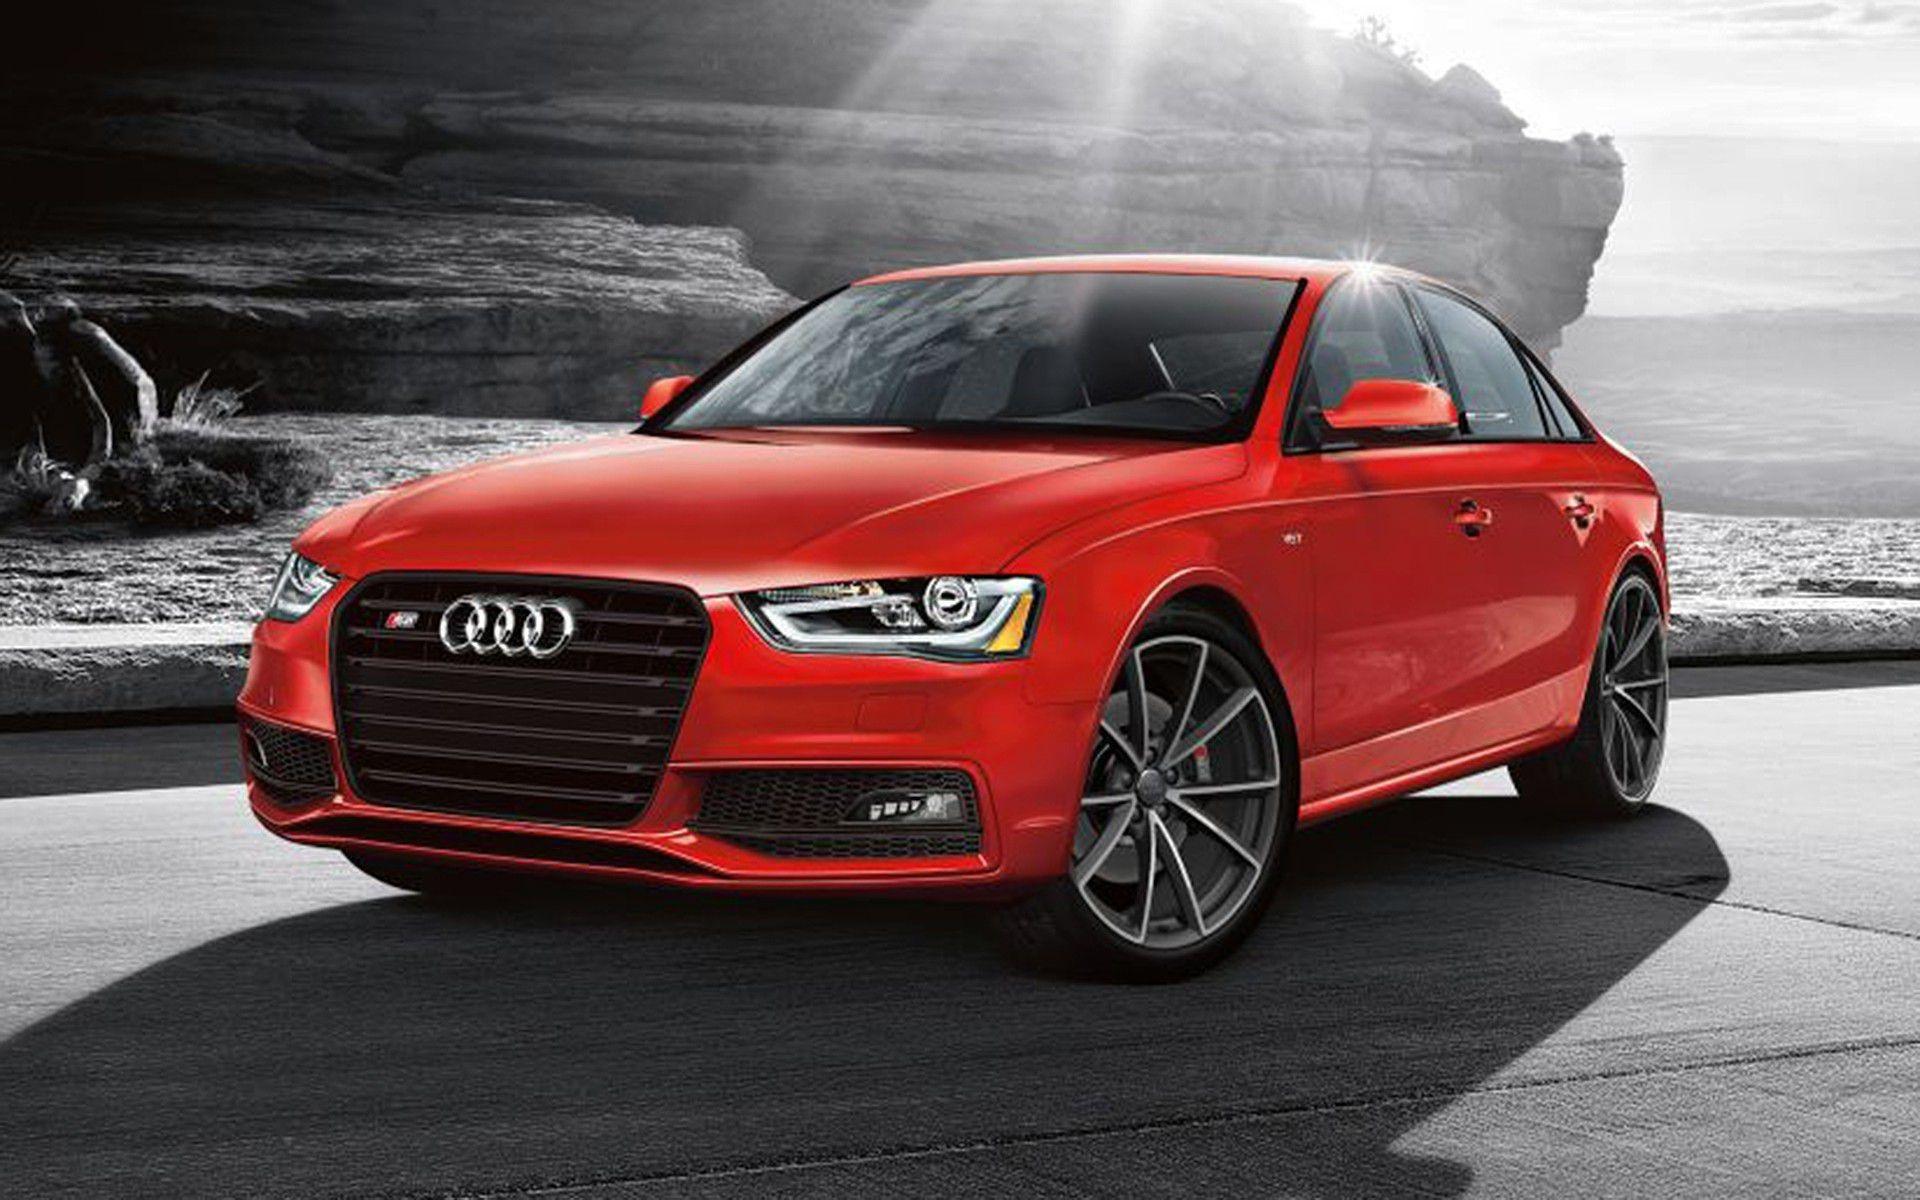 Audi A4 High Quality